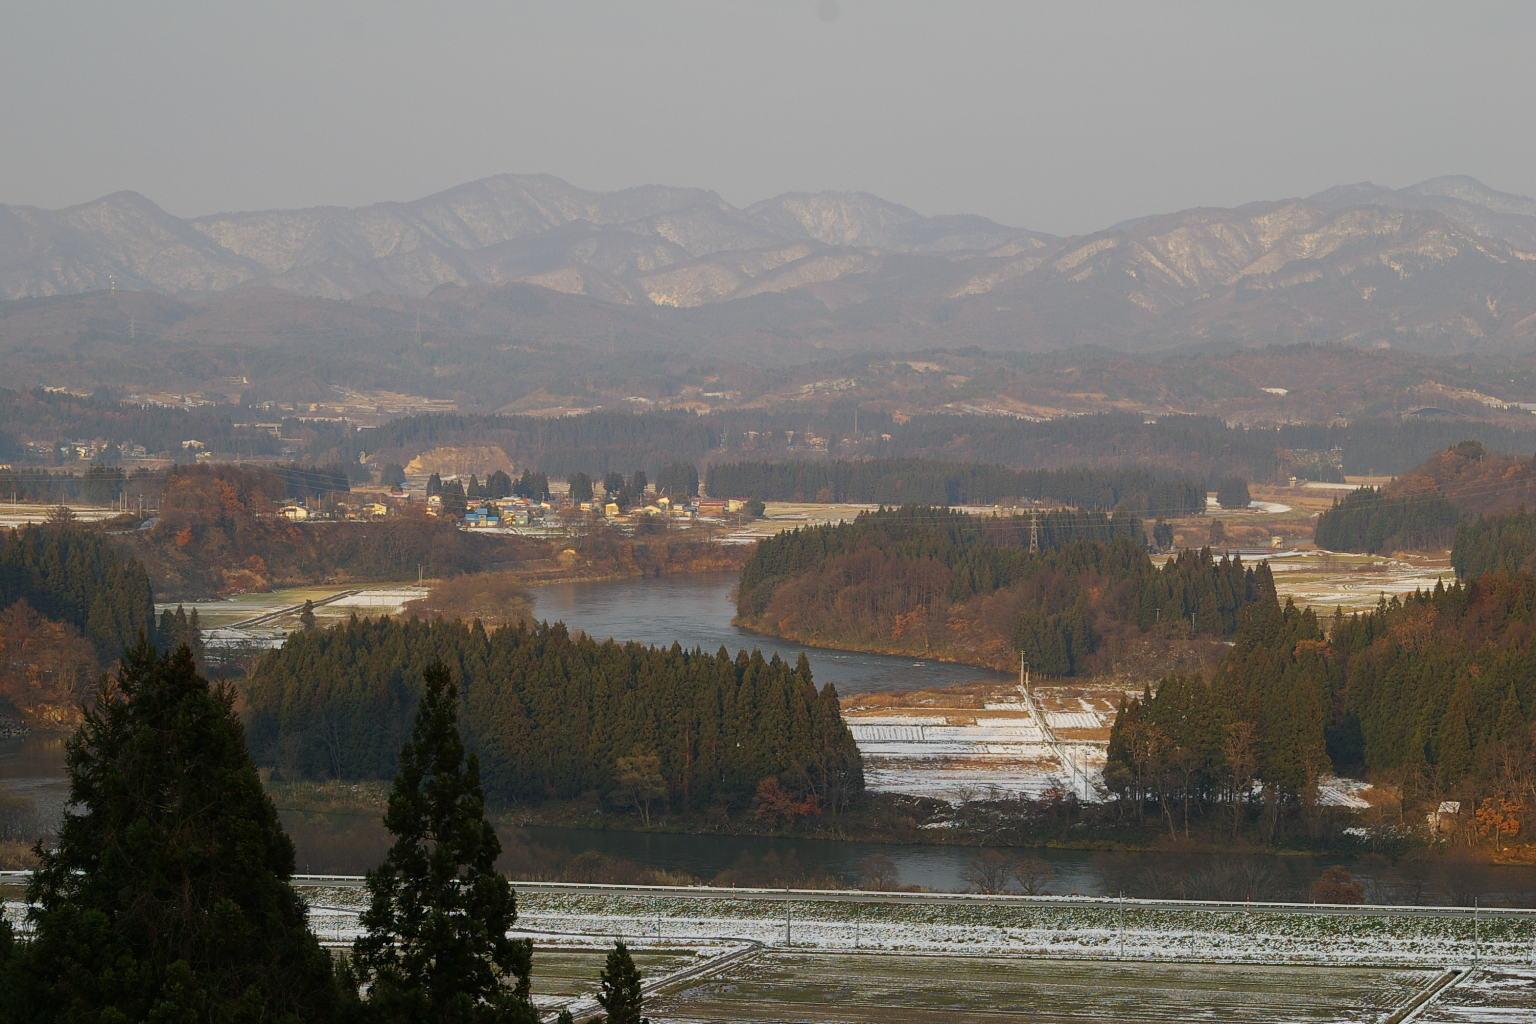 大石田町や遠くの山並み